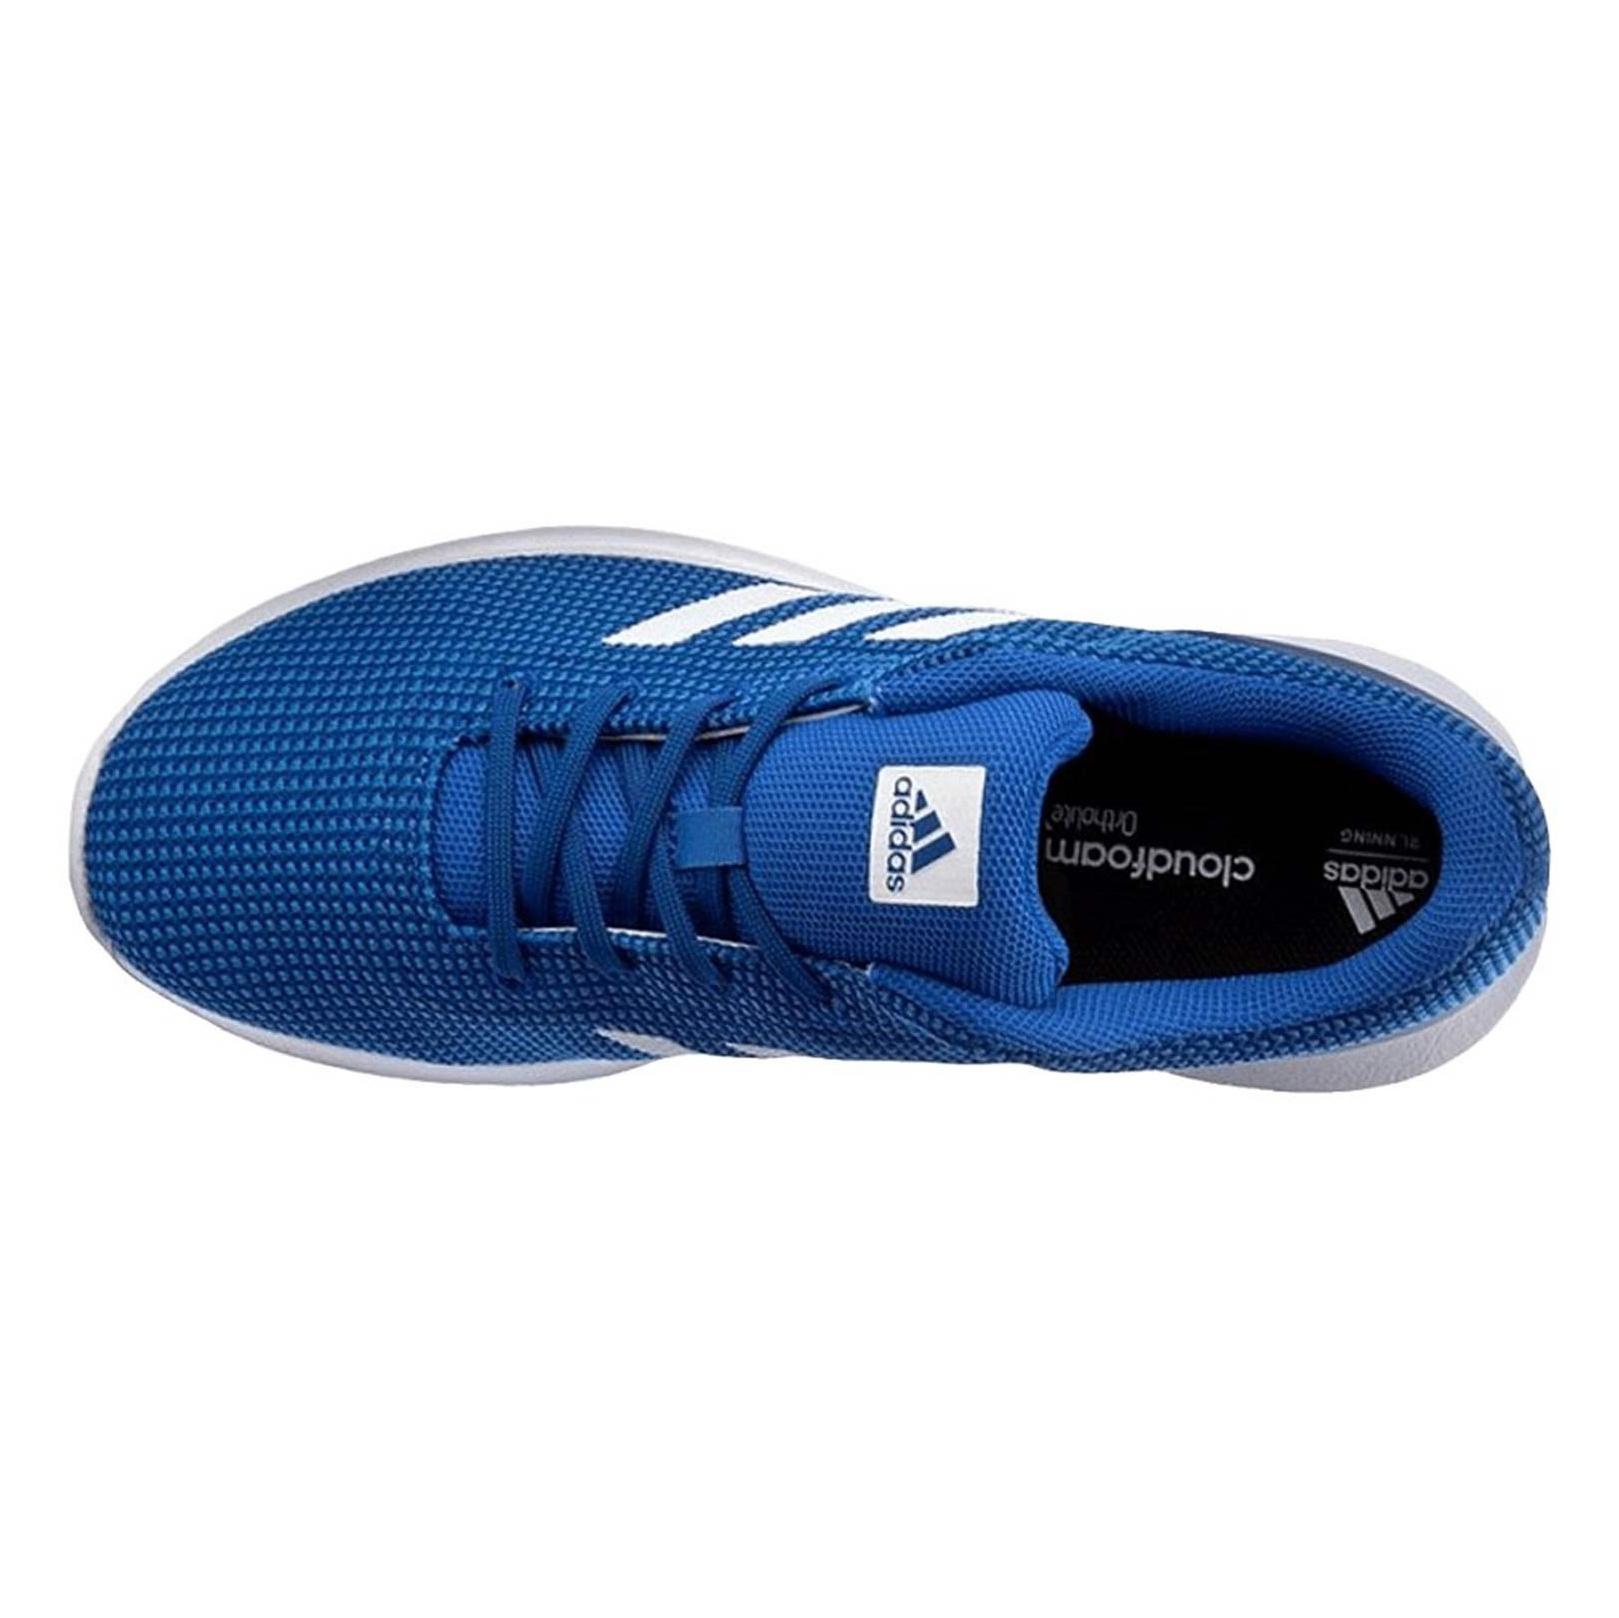 کفش دویدن بندی مردانه Cosmic - آدیداس - آبي - 3